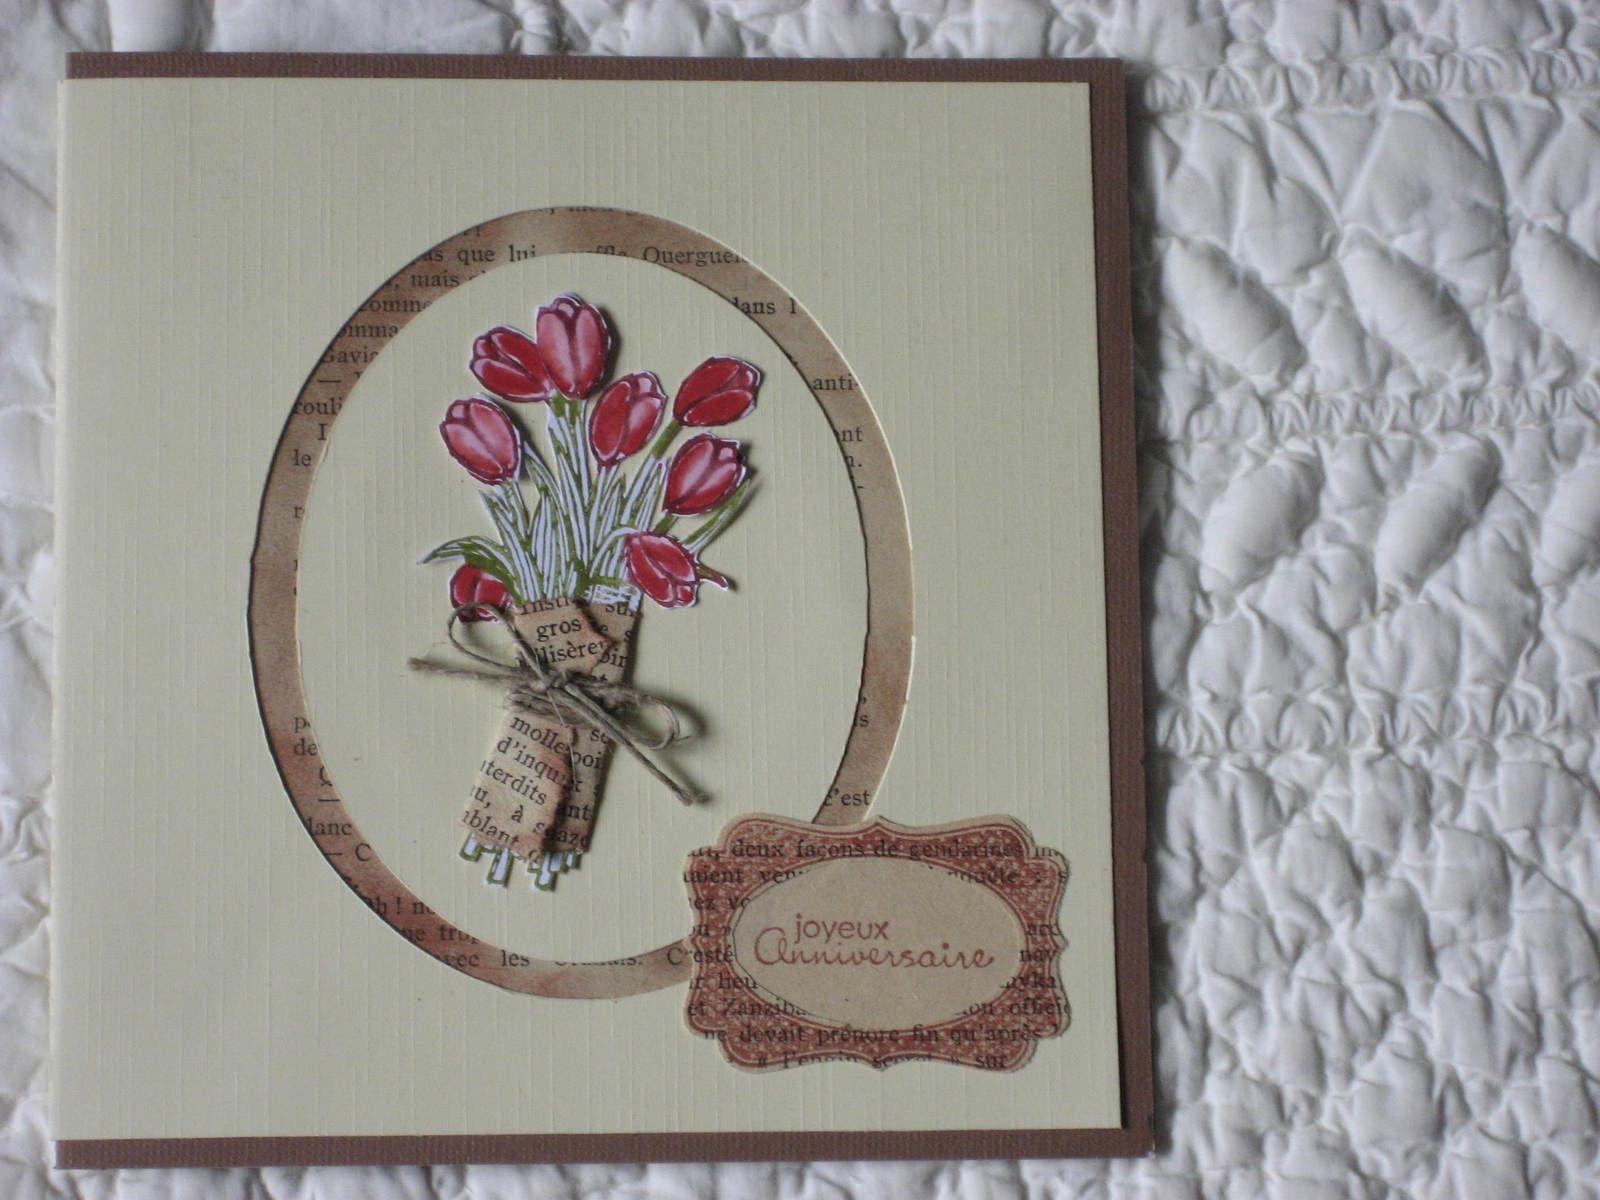 Ma préférée, un peu longue à réaliser car le bouquet est entièrement découpé. J'aime l'idée du papier de journal entourant les tiges.